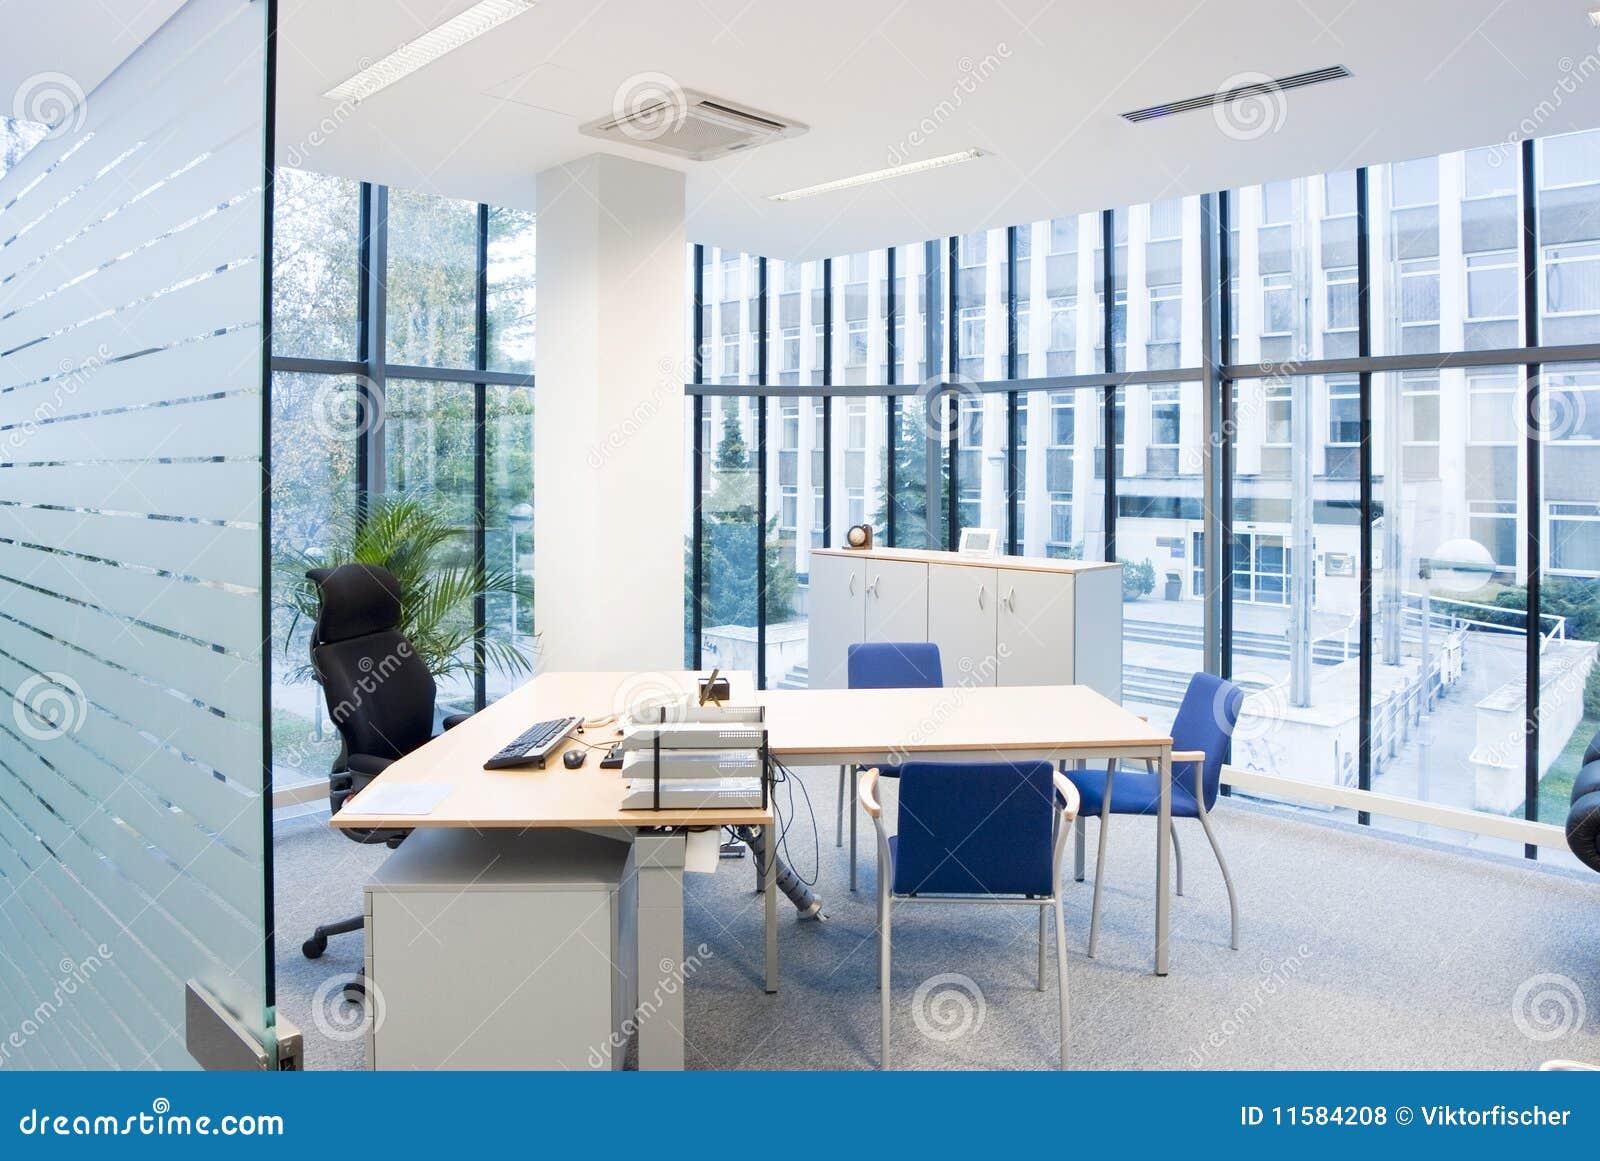 Modernes büro design  Modernes Büro Stockbild - Bild: 26291991